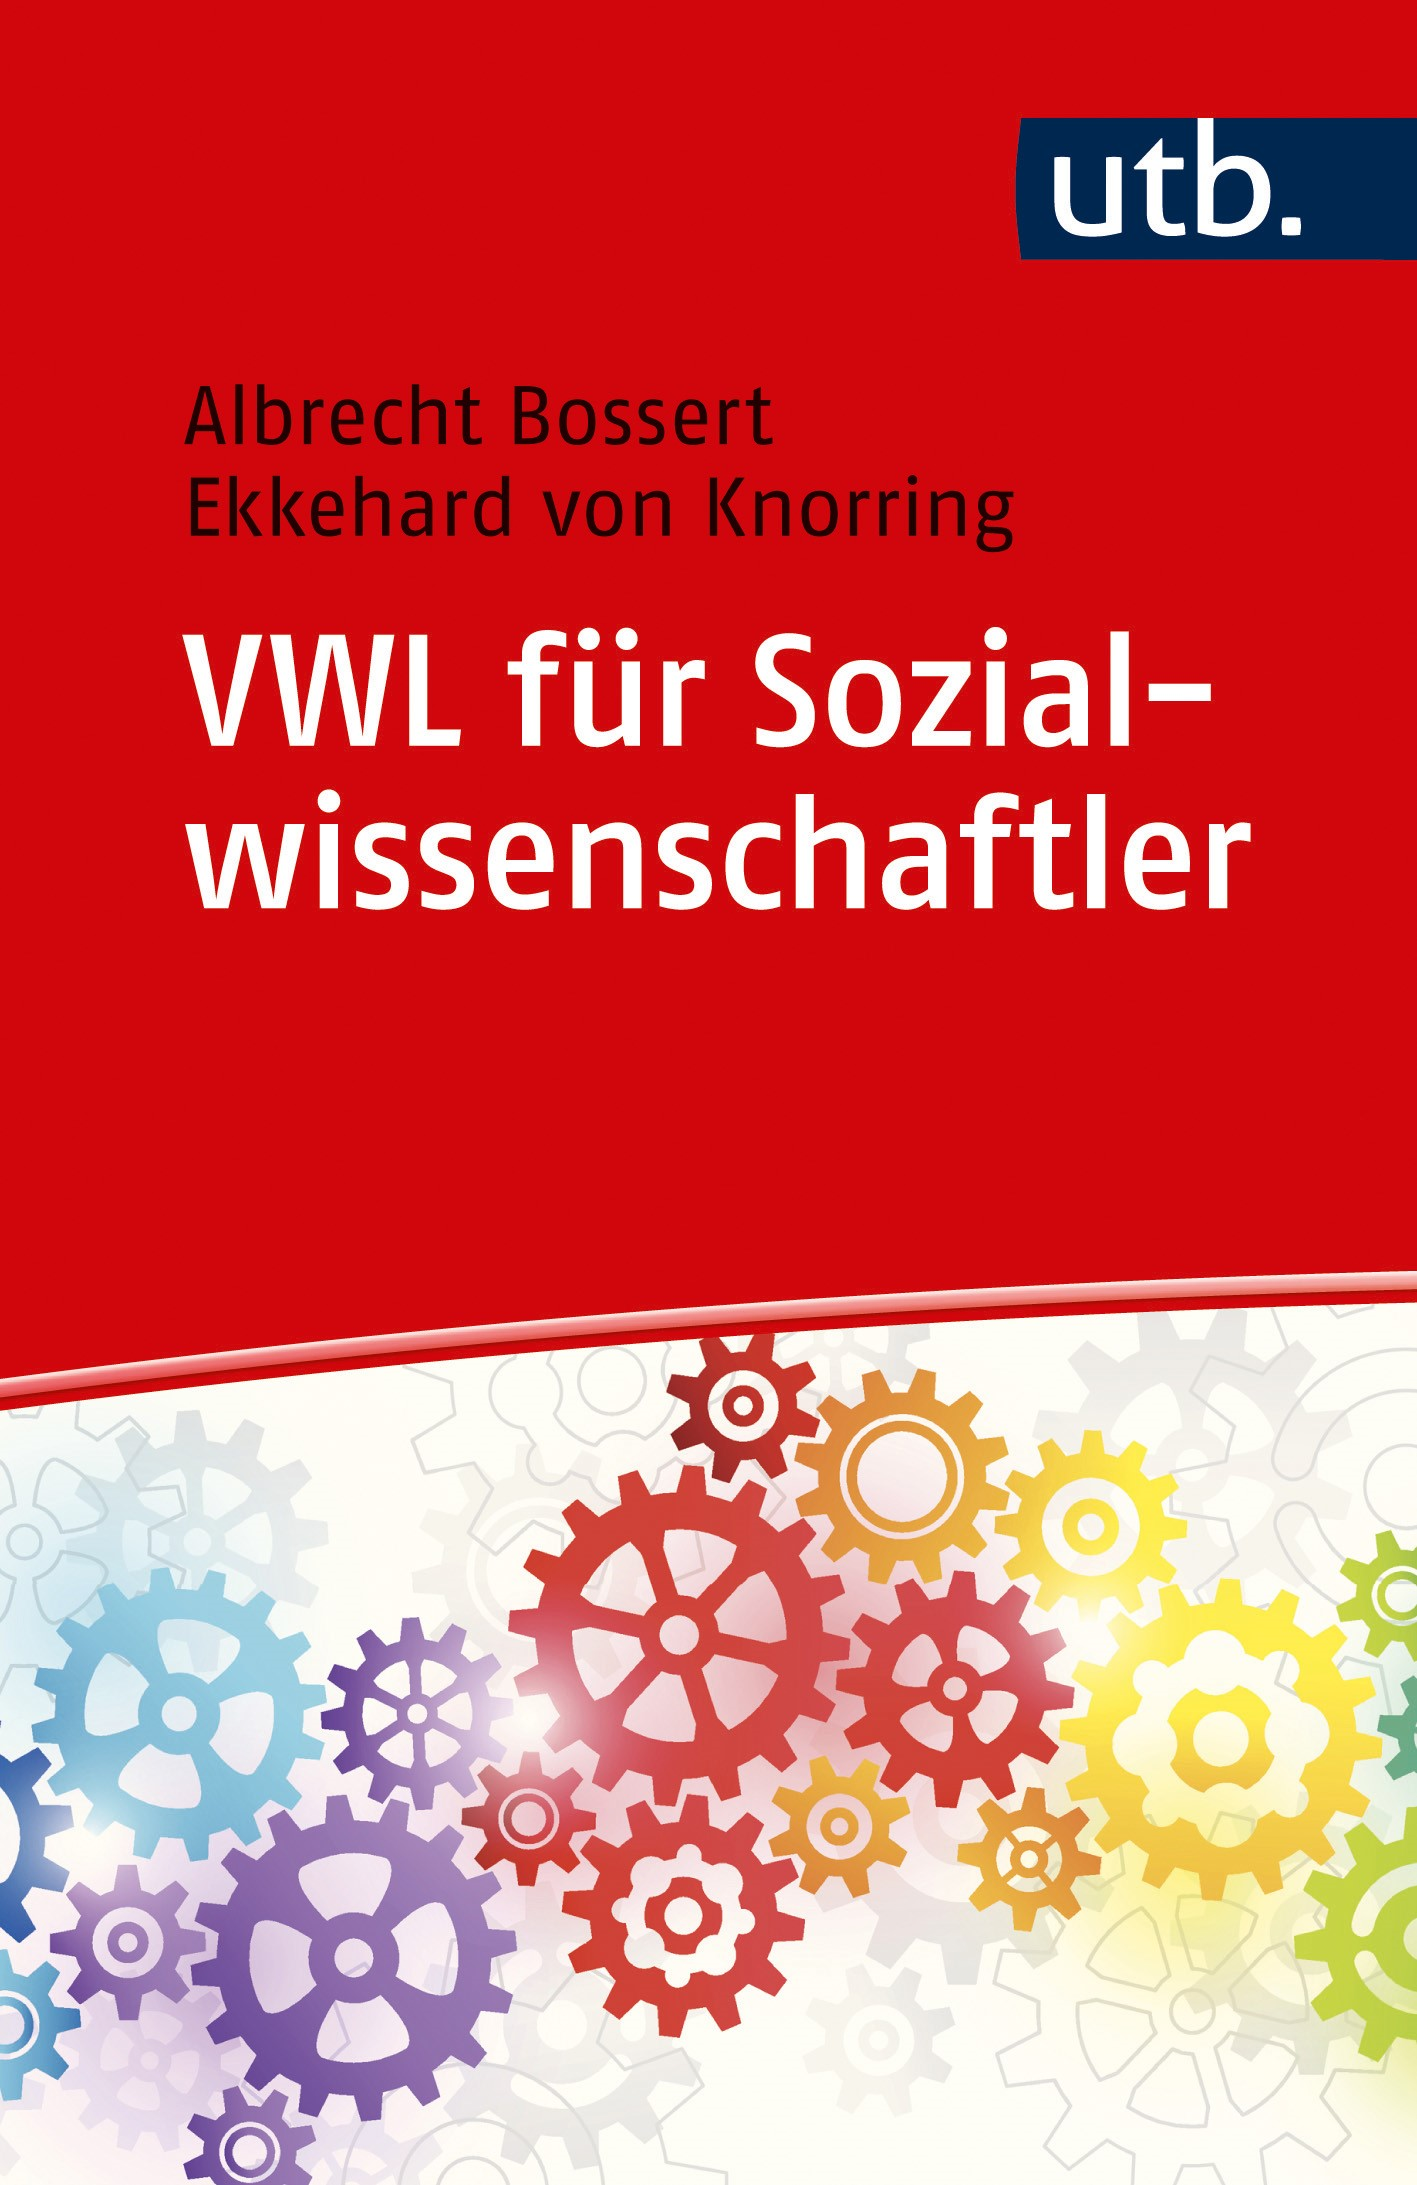 VWL für Sozialwissenschaftler | Bossert / von Knorring, 2017 | Buch (Cover)